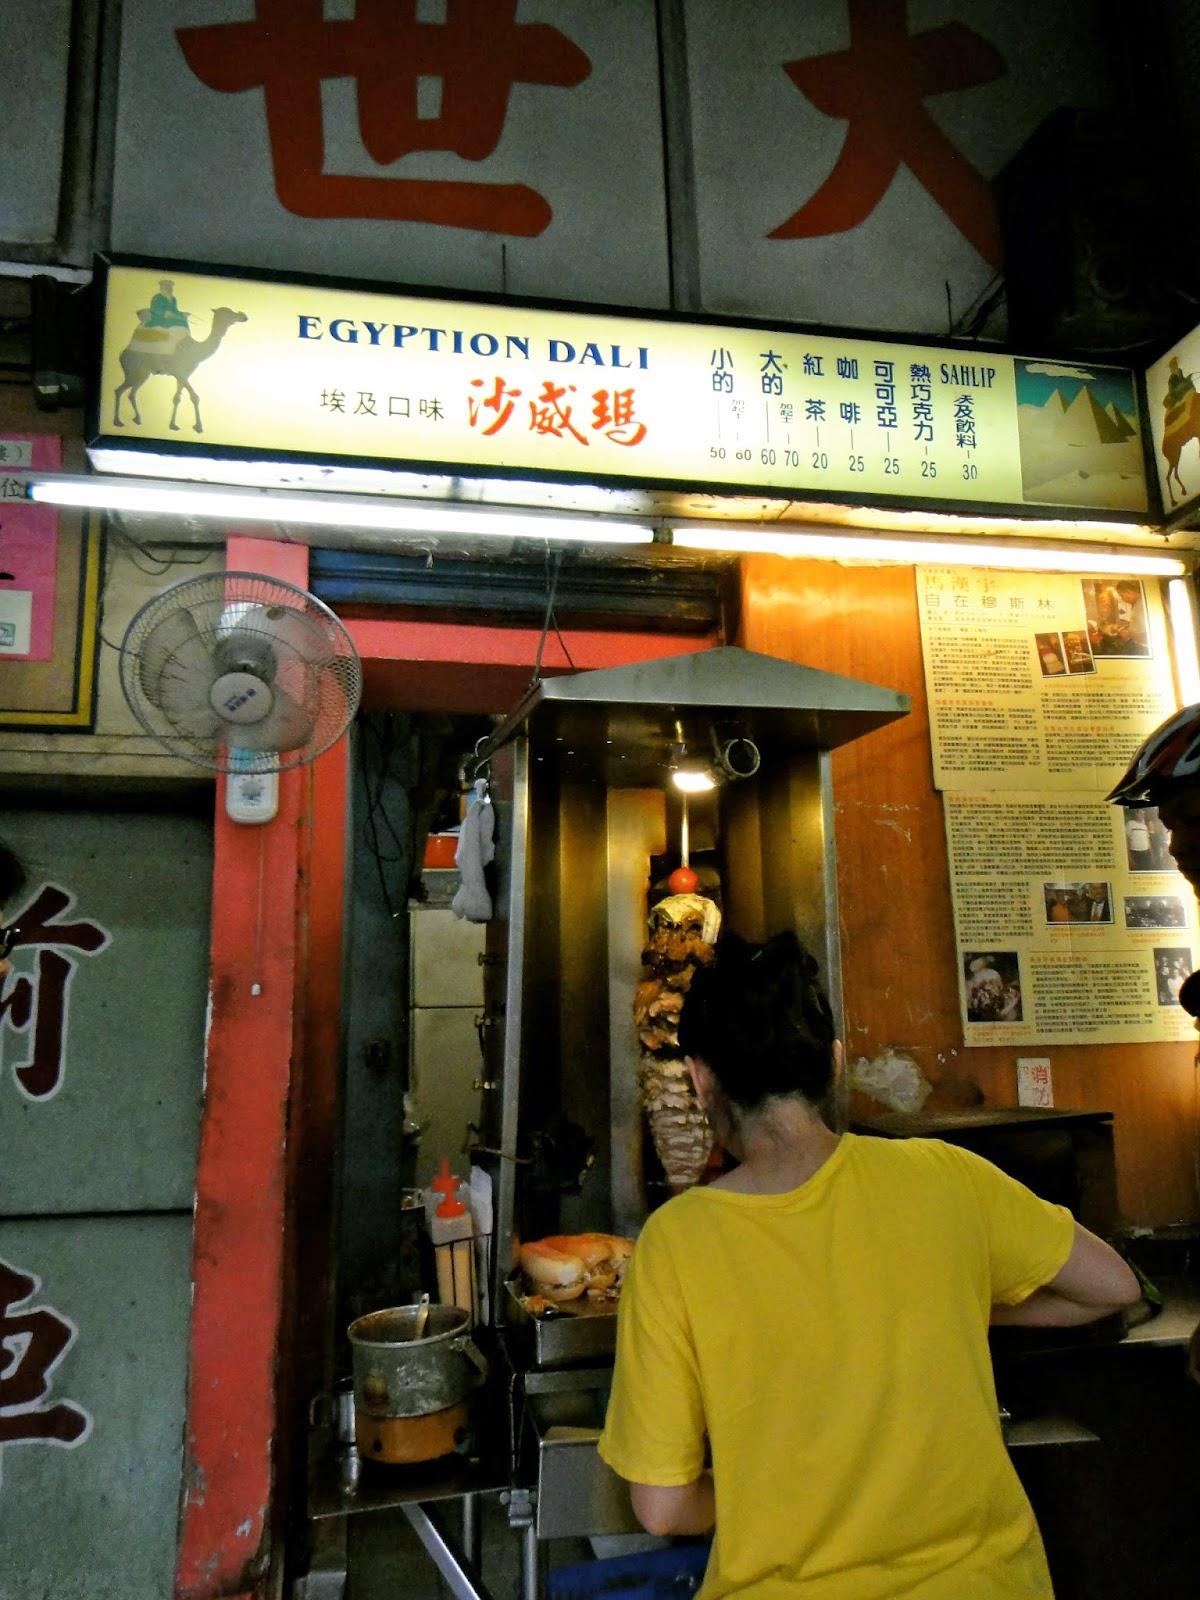 Egyption Dali Kebab Stall Gongguan Taipei